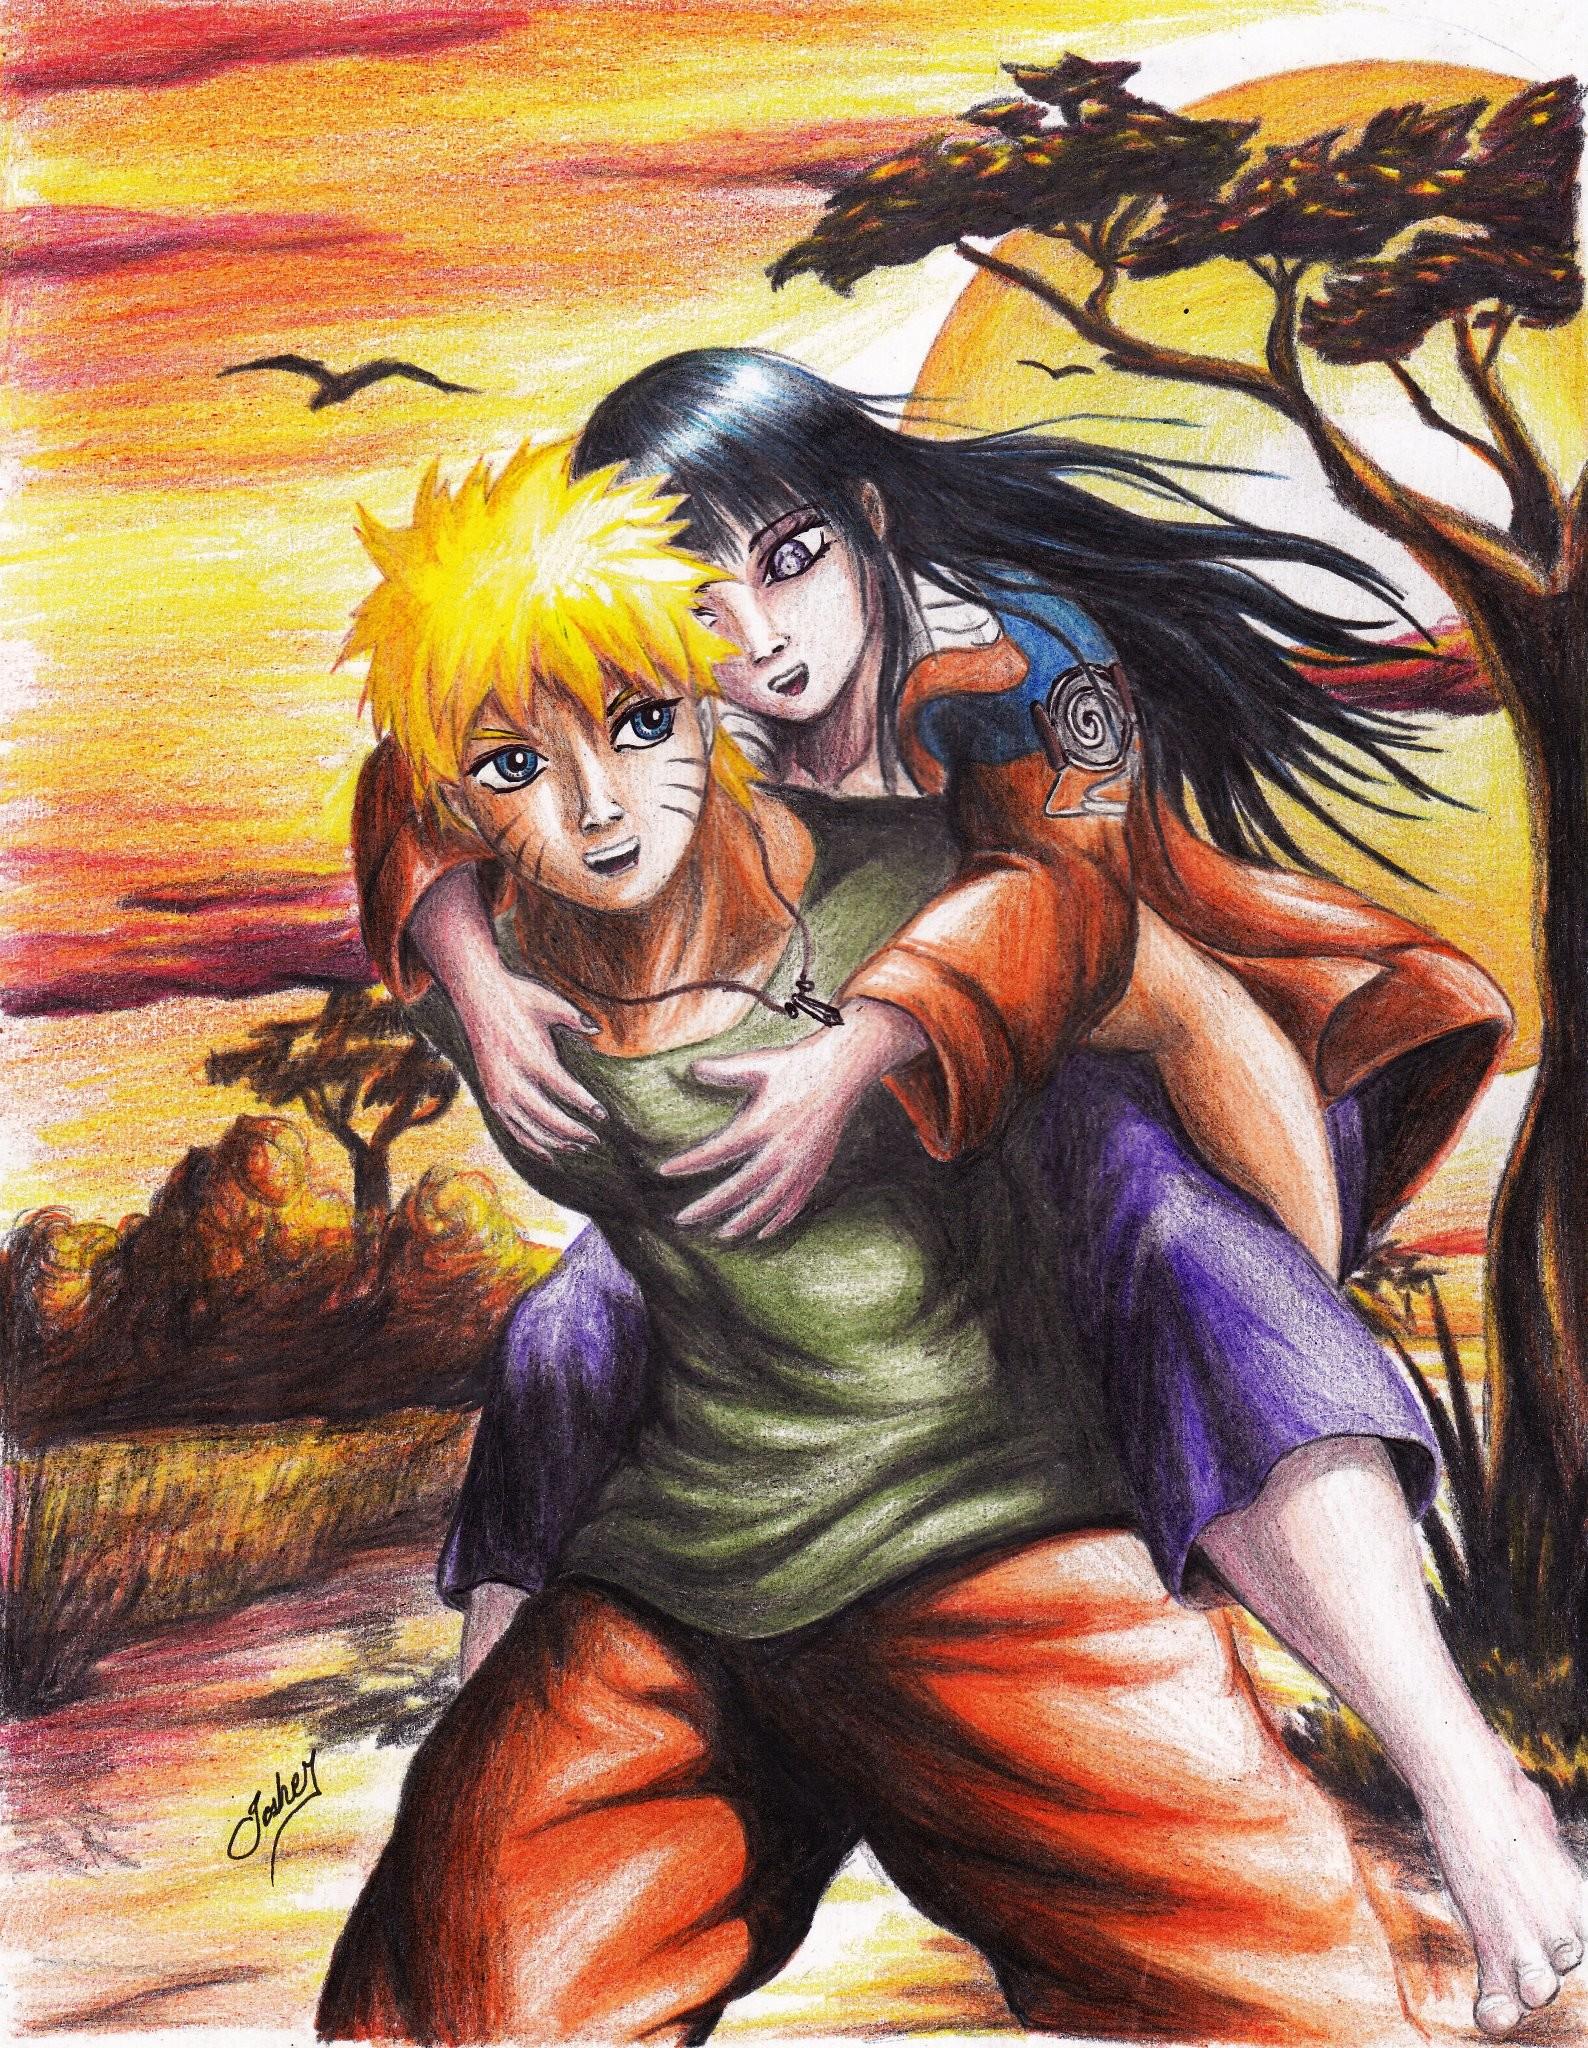 Naruto Love Hinata Wallpaper 64+ images